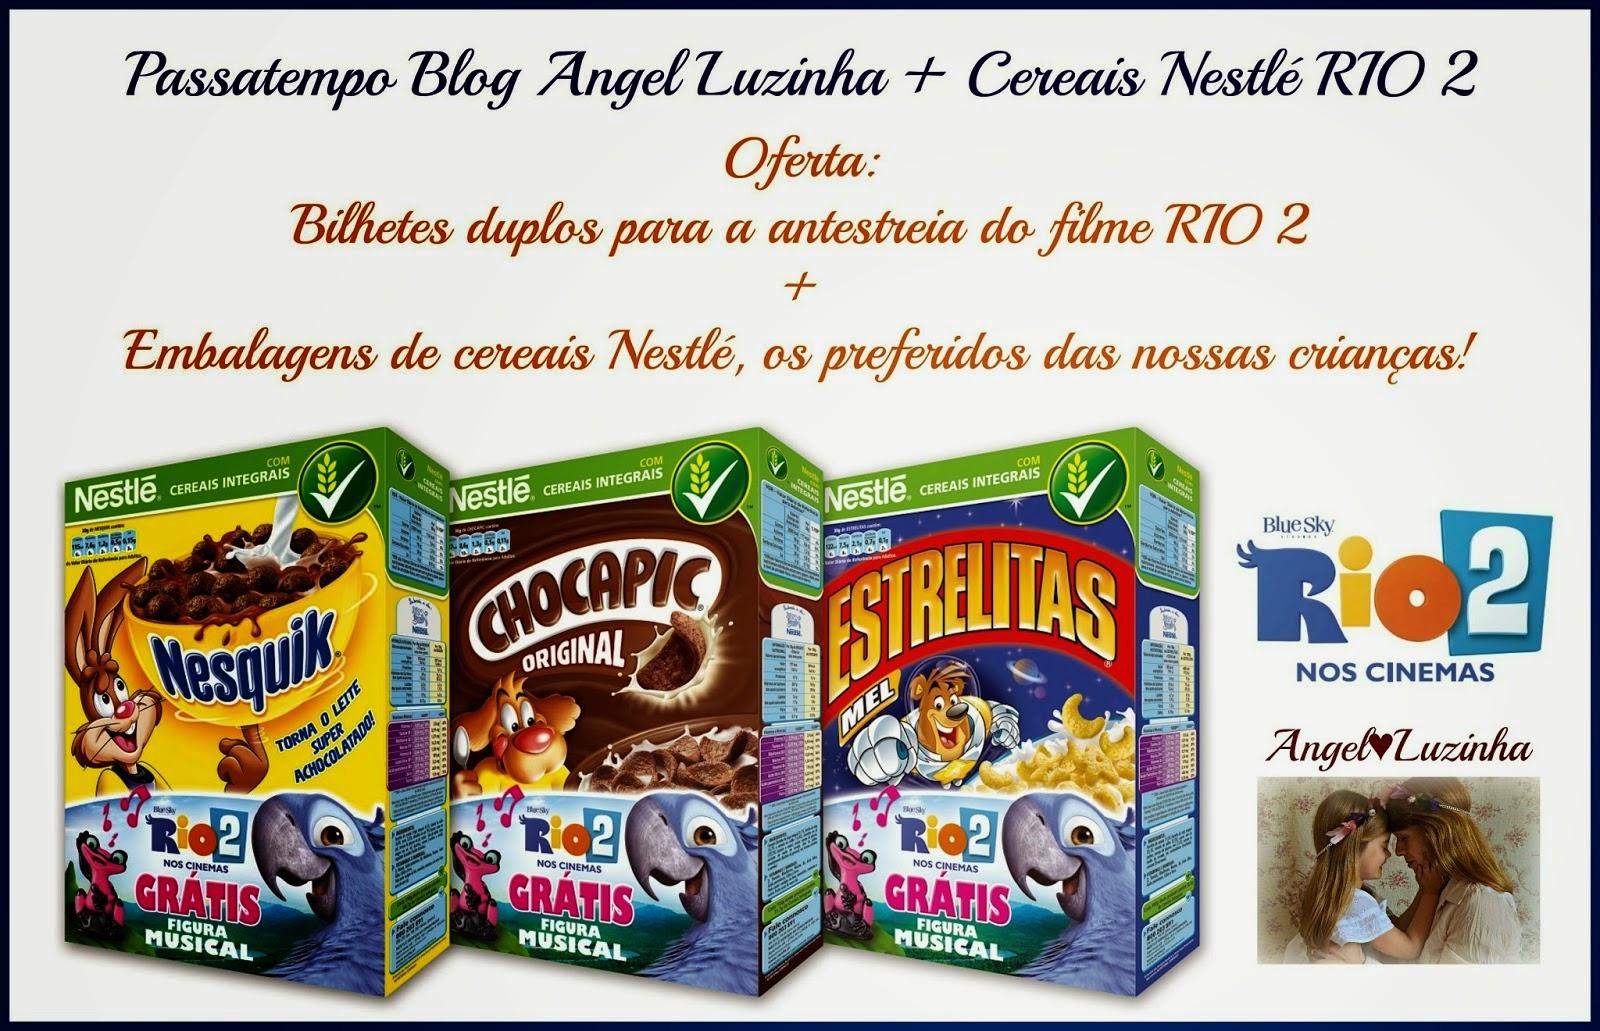 http://www.angel-luzinha.com/2014/03/passatempo-cereais-nestle-rio-2.html